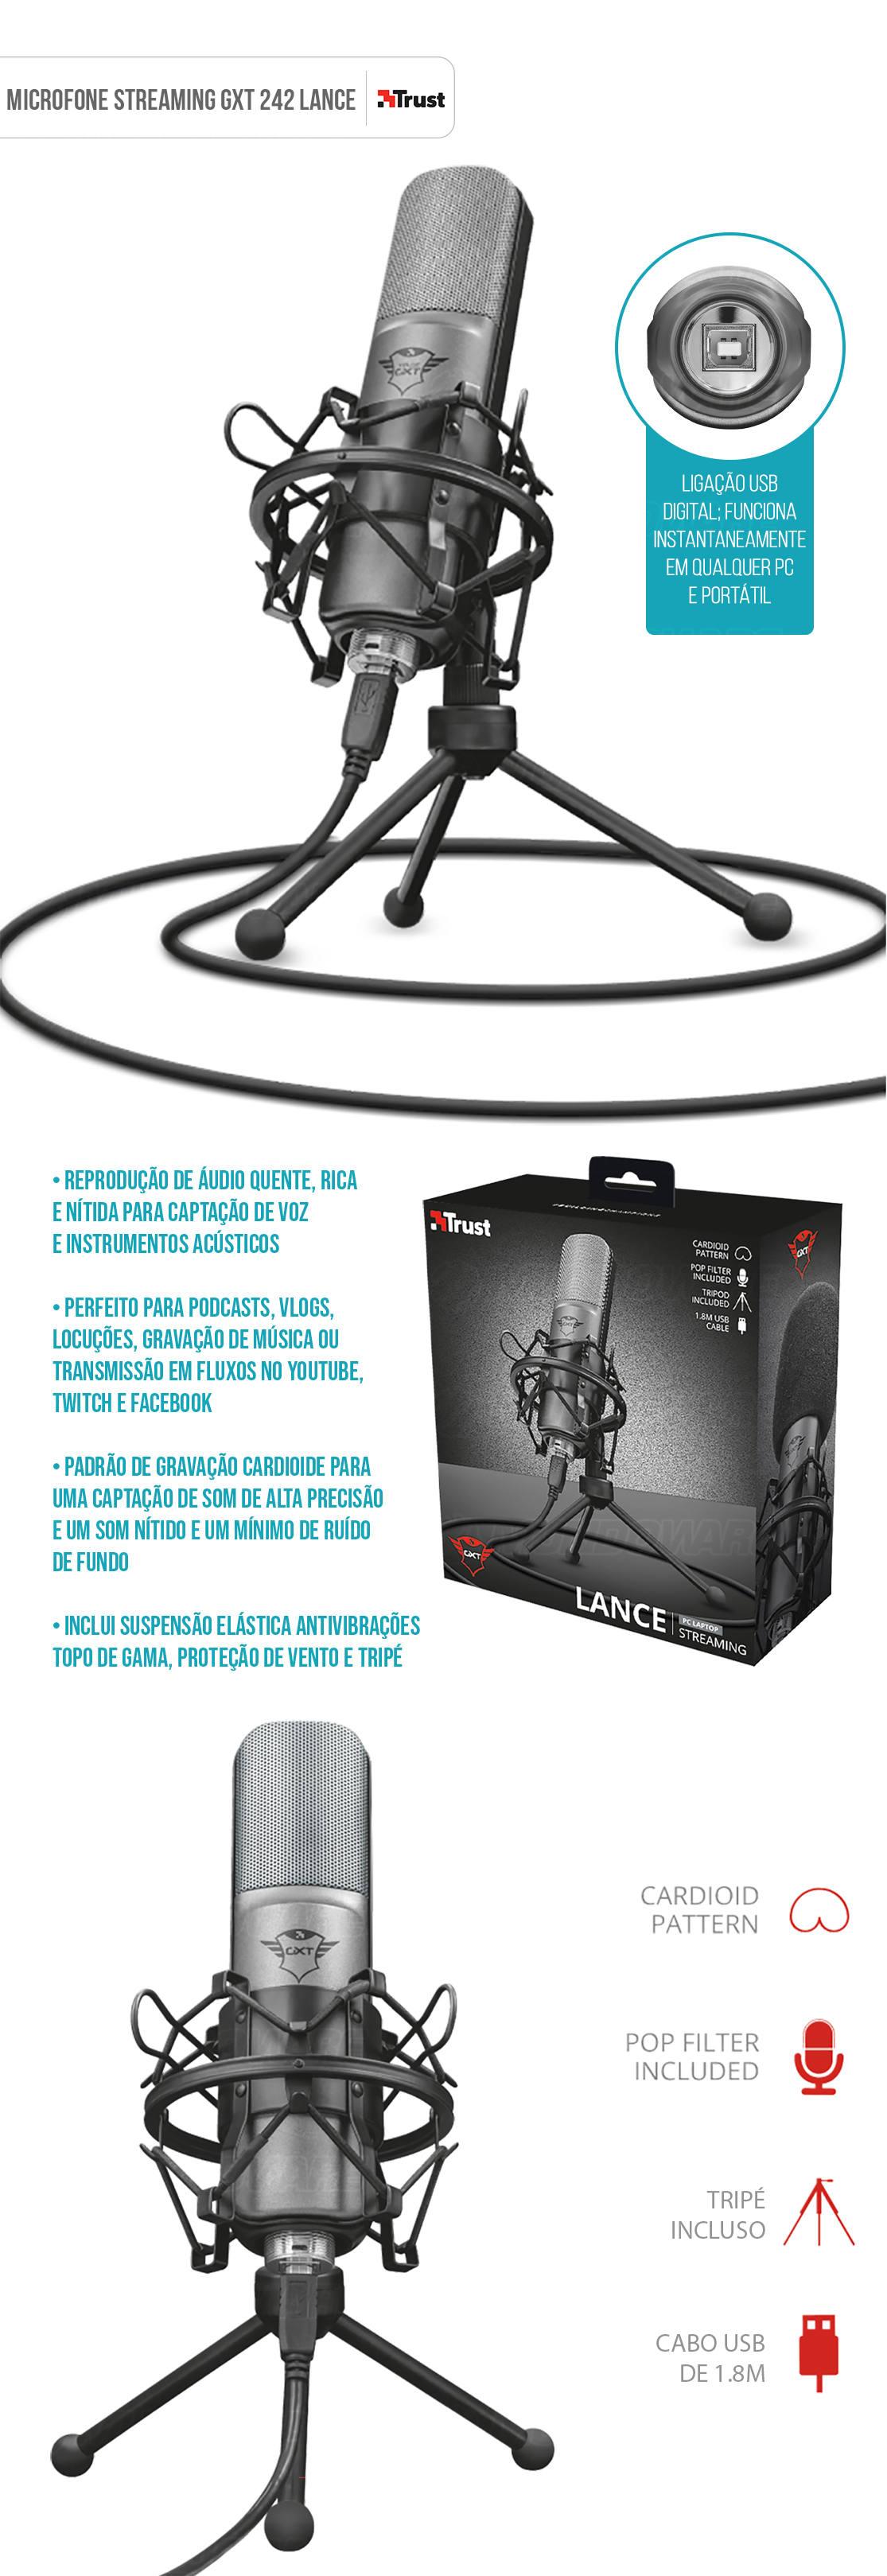 Microfone Streaming GXT 242 Lance Padrão Cardioide Unidirecional com Tripé Filtro Pop Montagem de Choque e Antivibrações